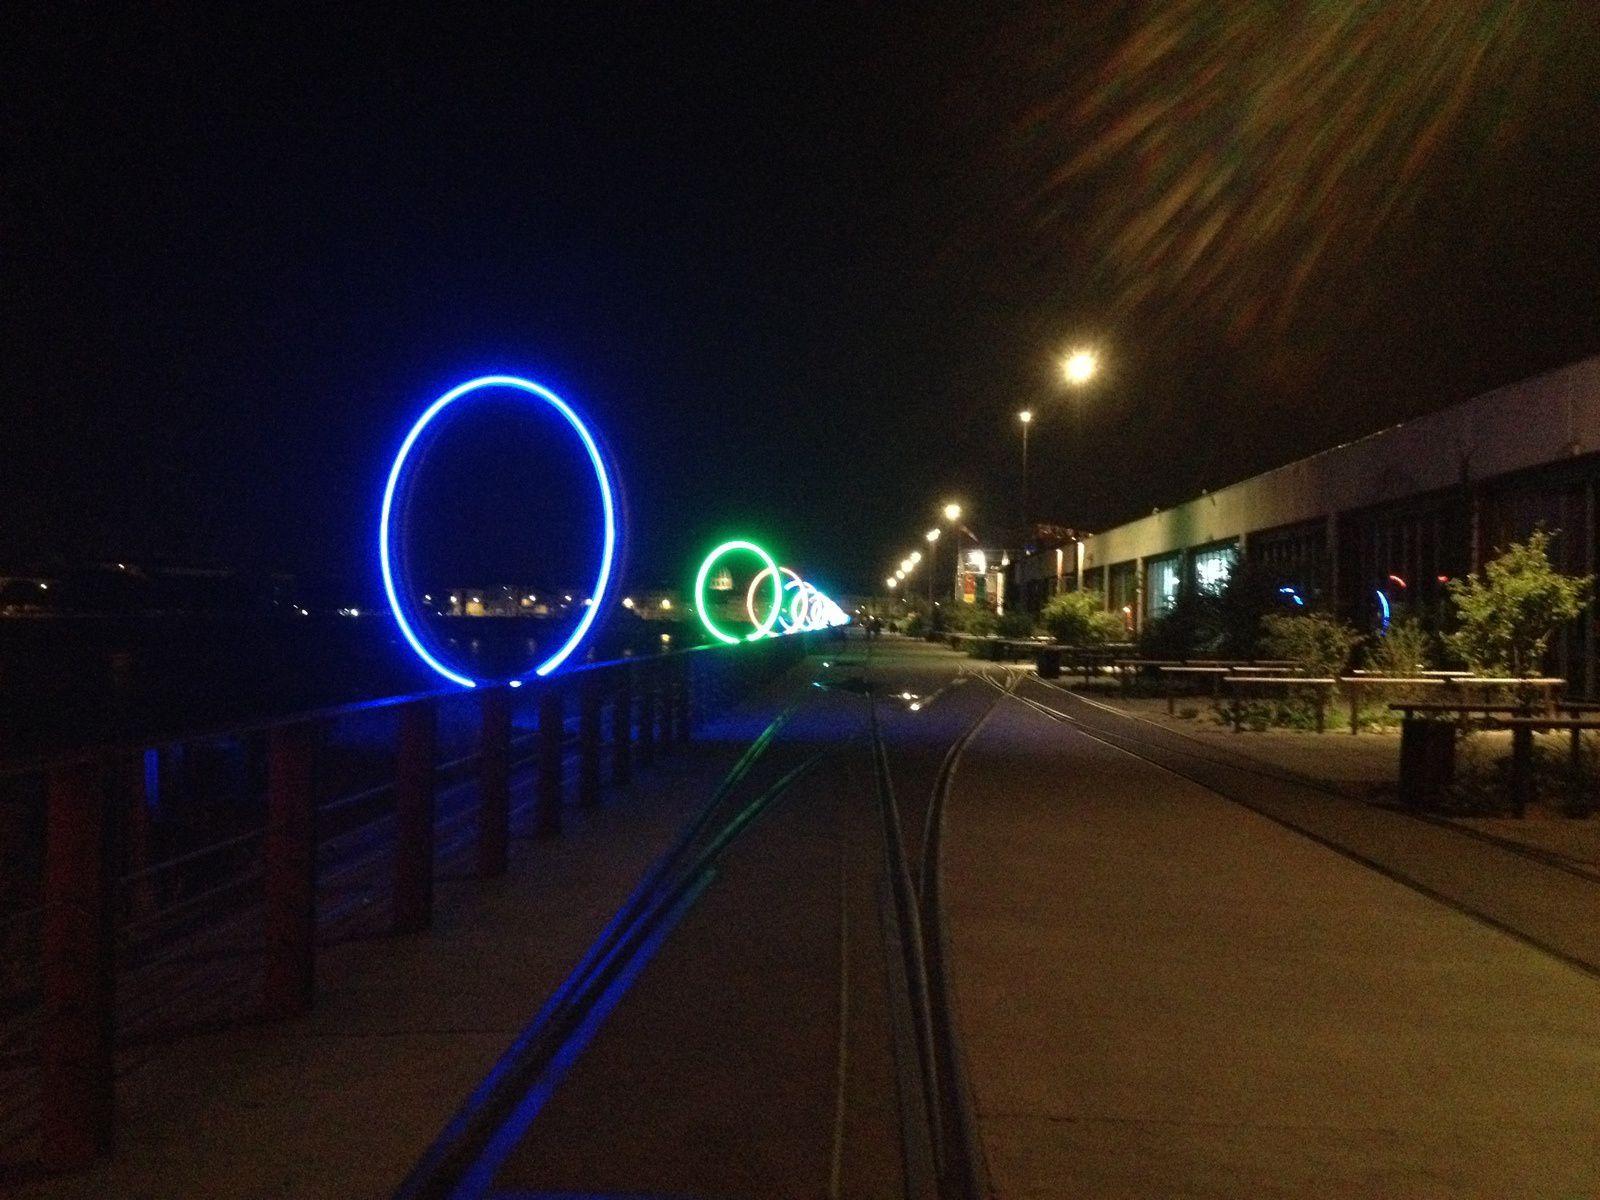 Nuit d'été à Nantes